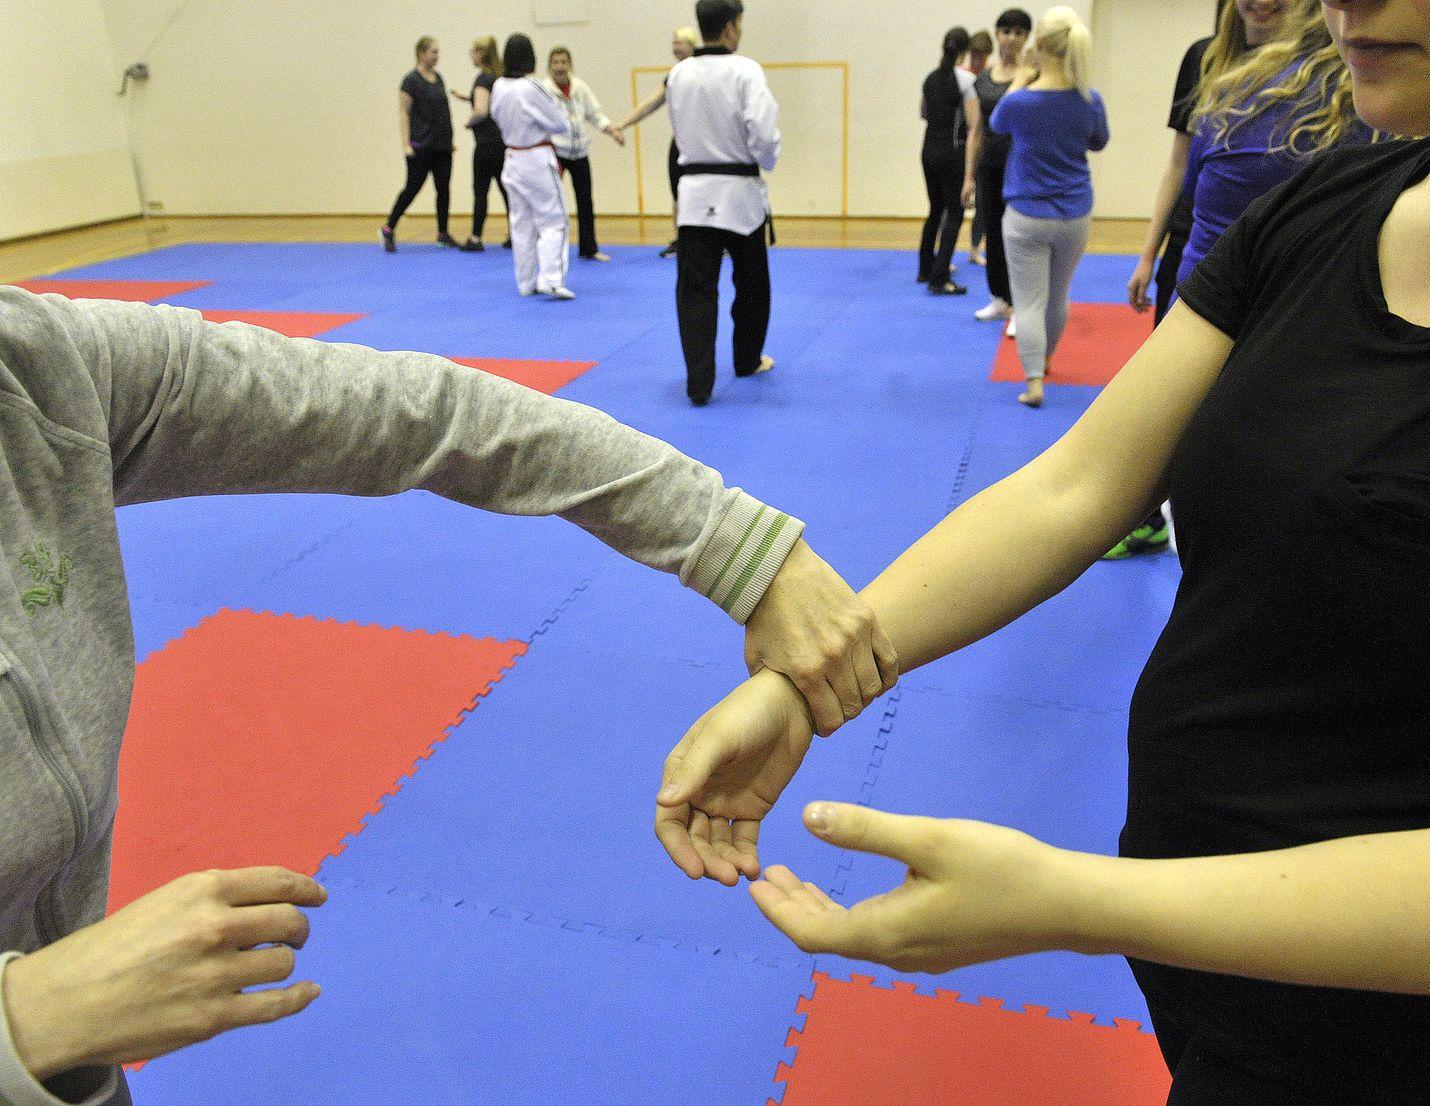 Rauman Taekwondon itsepuolustuskurssin ensimmäisellä tunnilla opetettiin muun muassa ahdistelijan otteesta irtautumista.